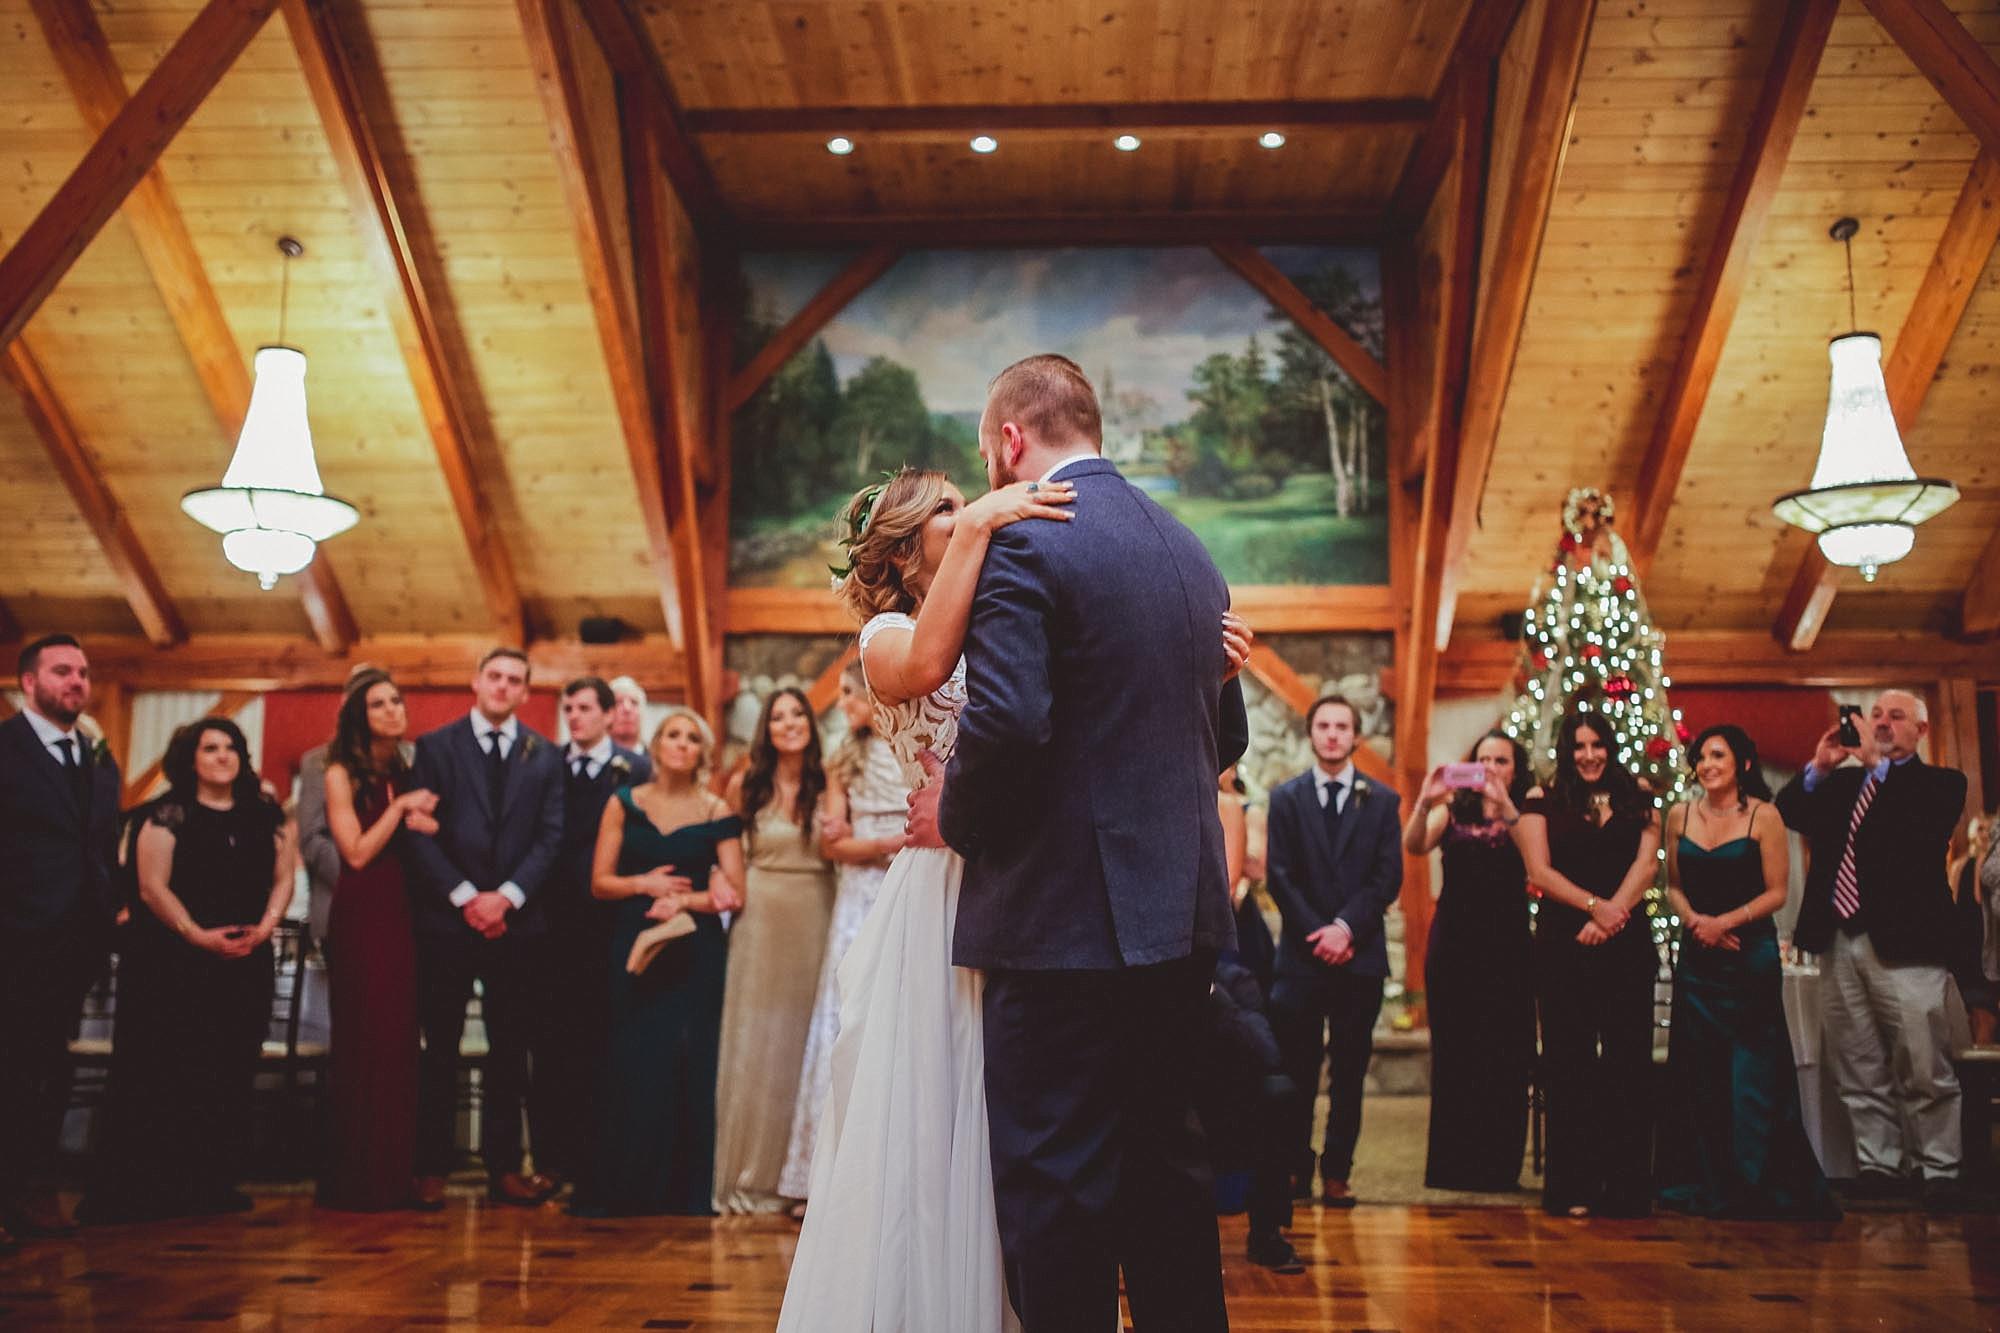 Tweaksbury-country-clup-wedding-75.jpg